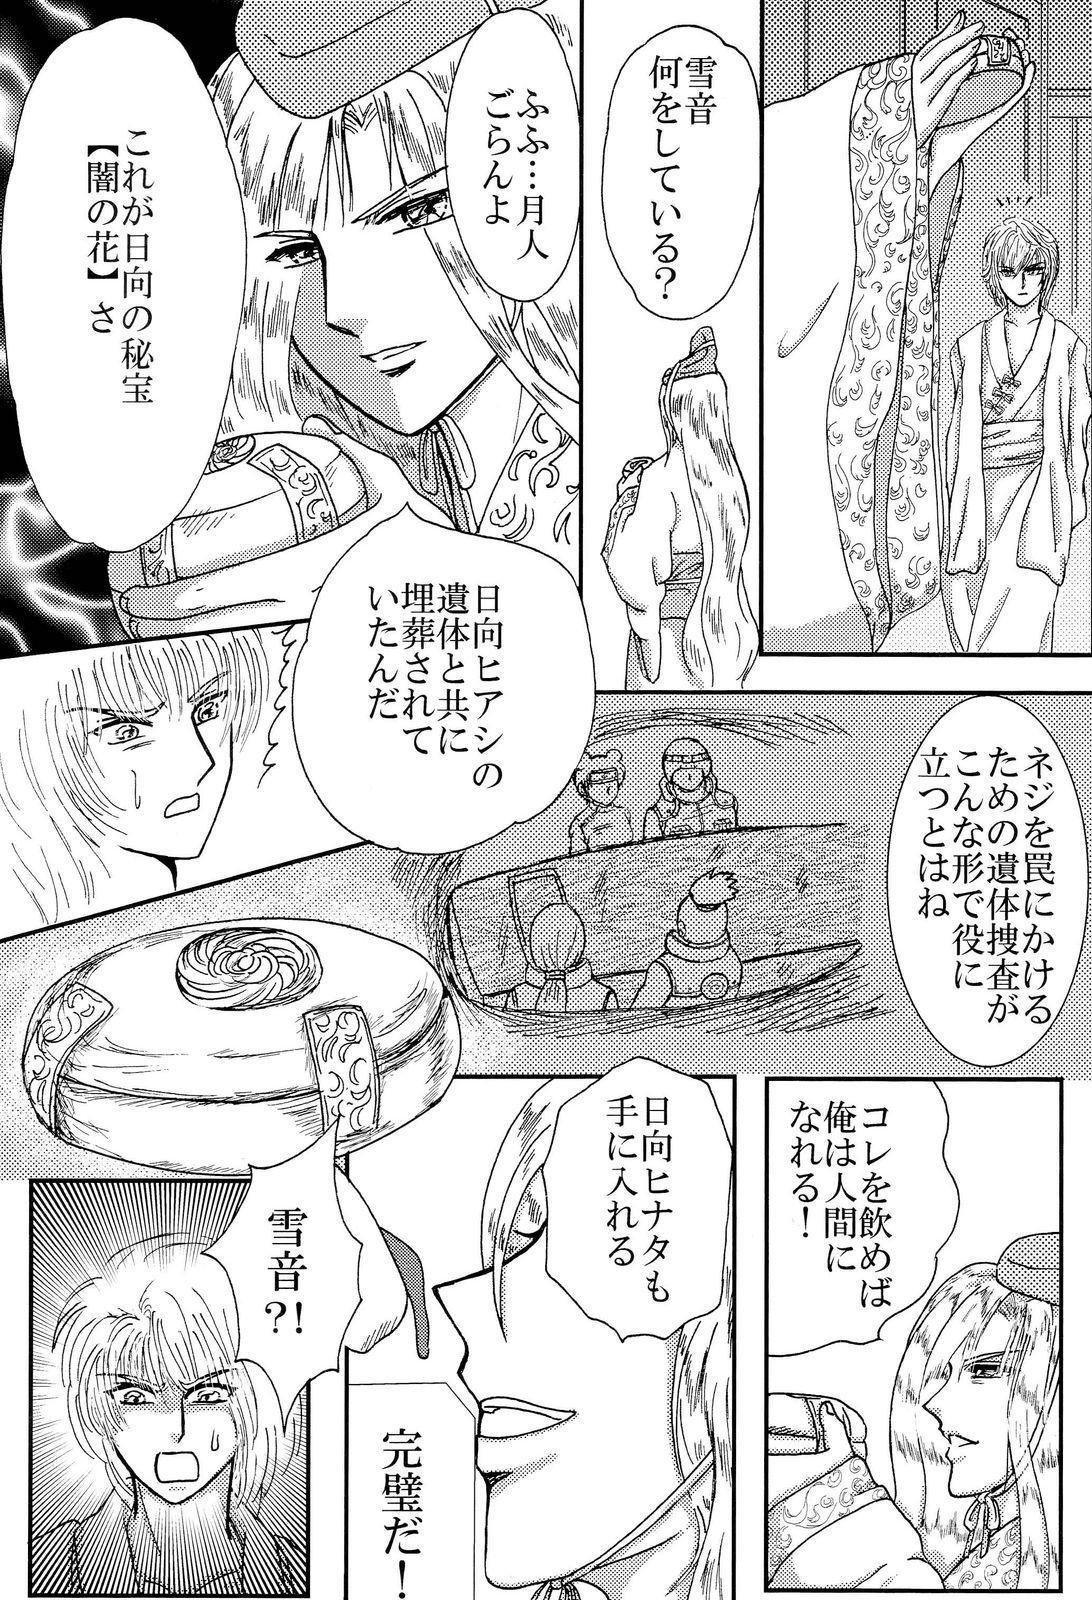 Yami ni Saku Hana IV 6